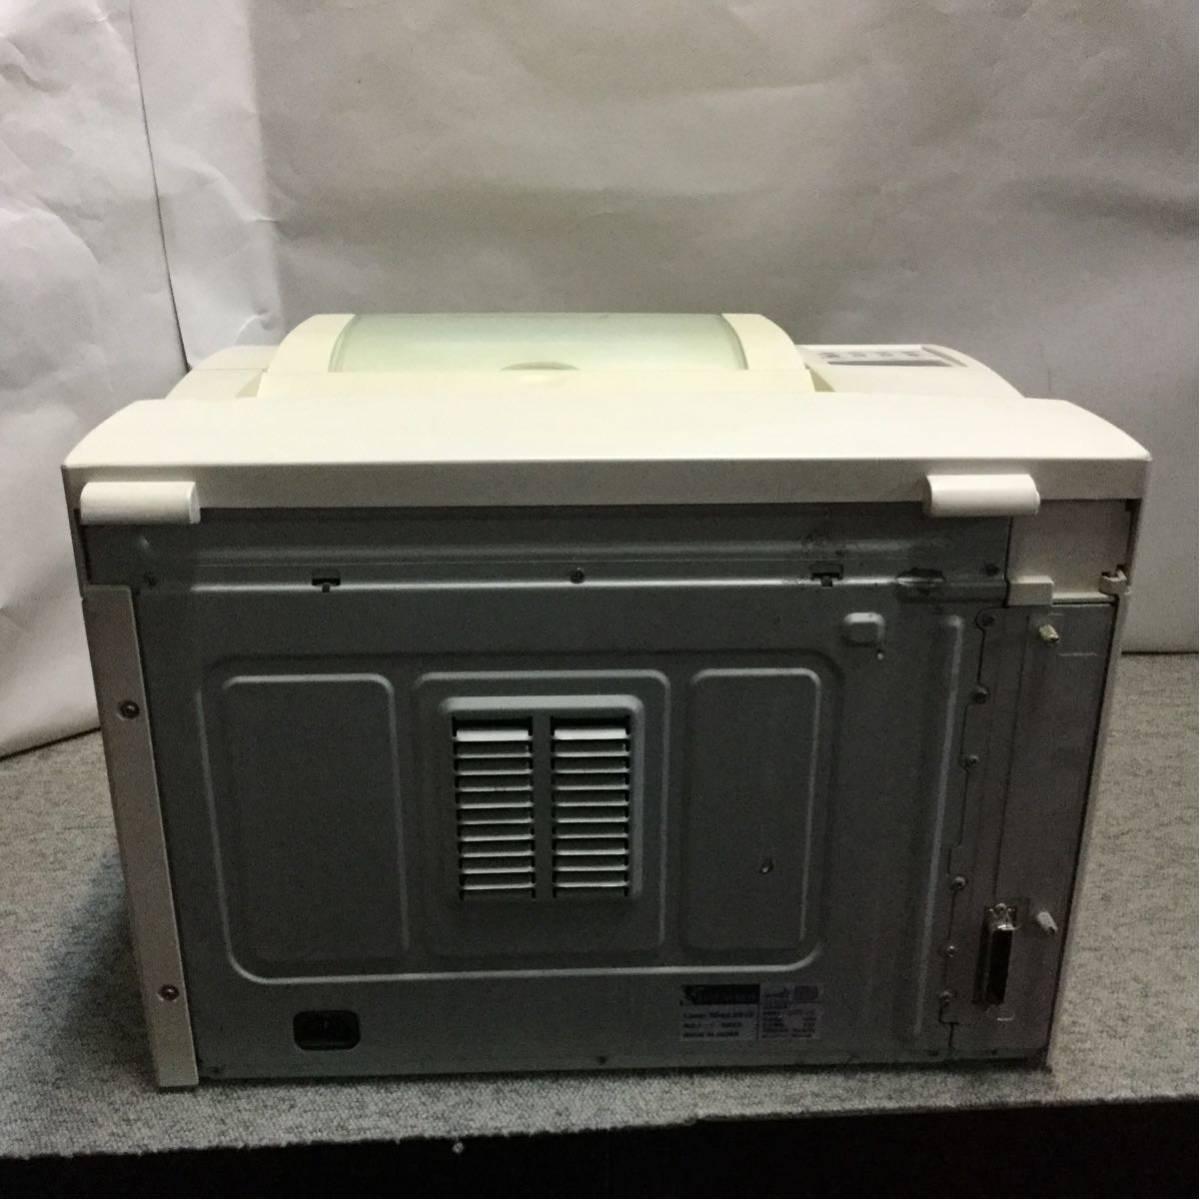 FUJI XEROX レザープリンター Laser Wind 2210 BN23 ジャンク 富士ゼロックス_画像5